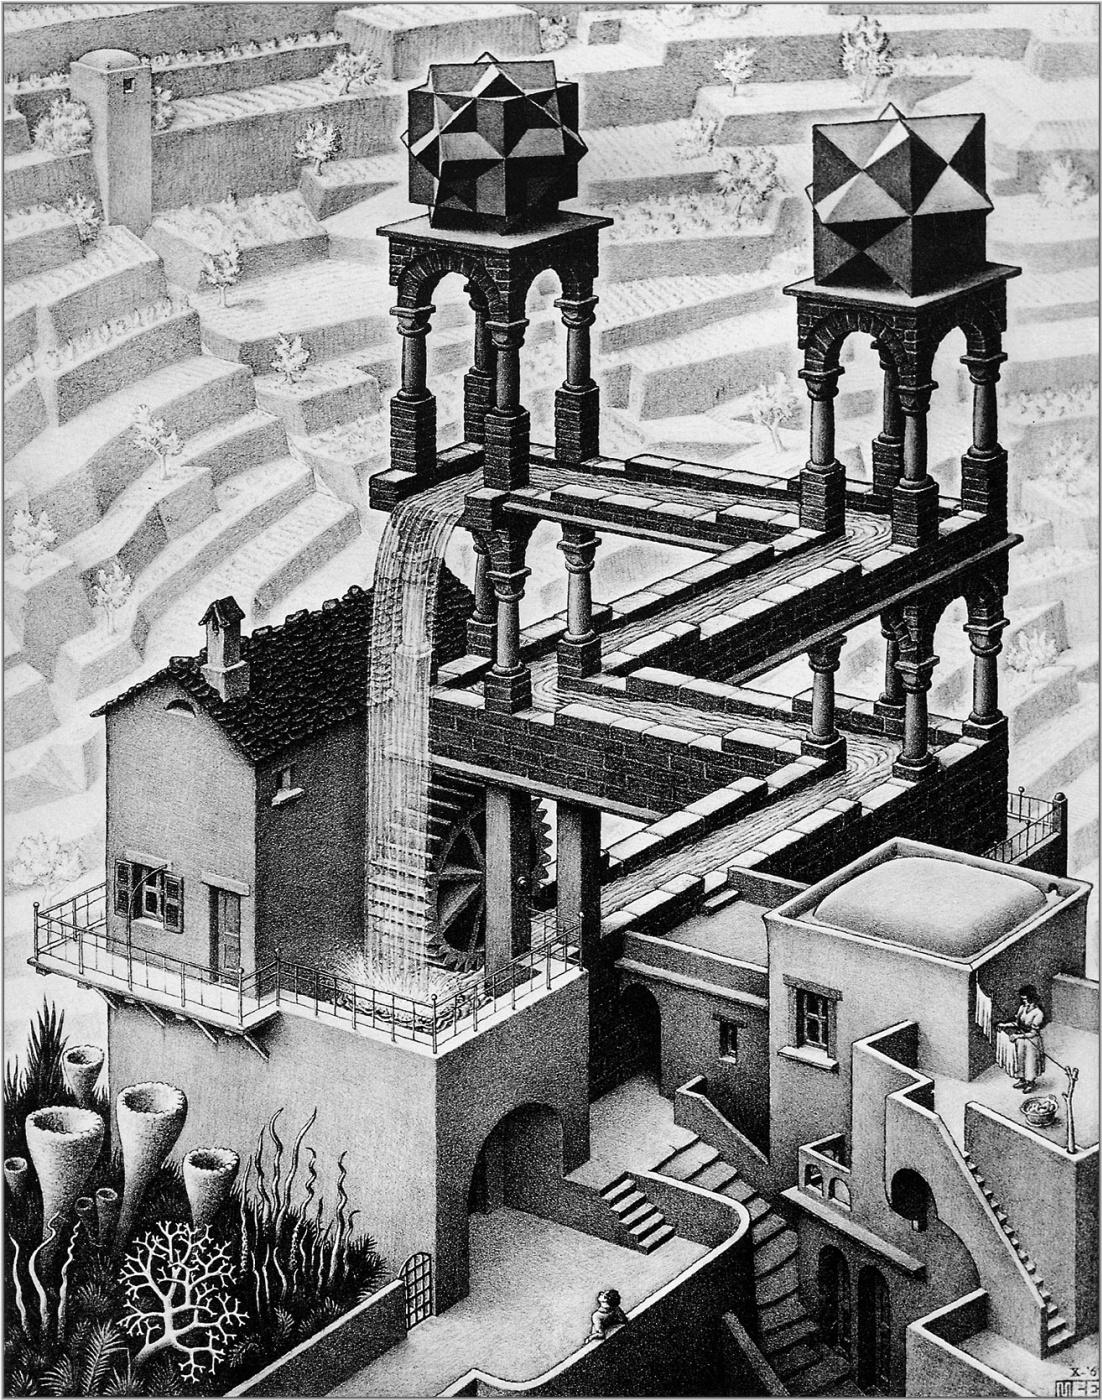 Maurits Cornelis Escher. Waterfall